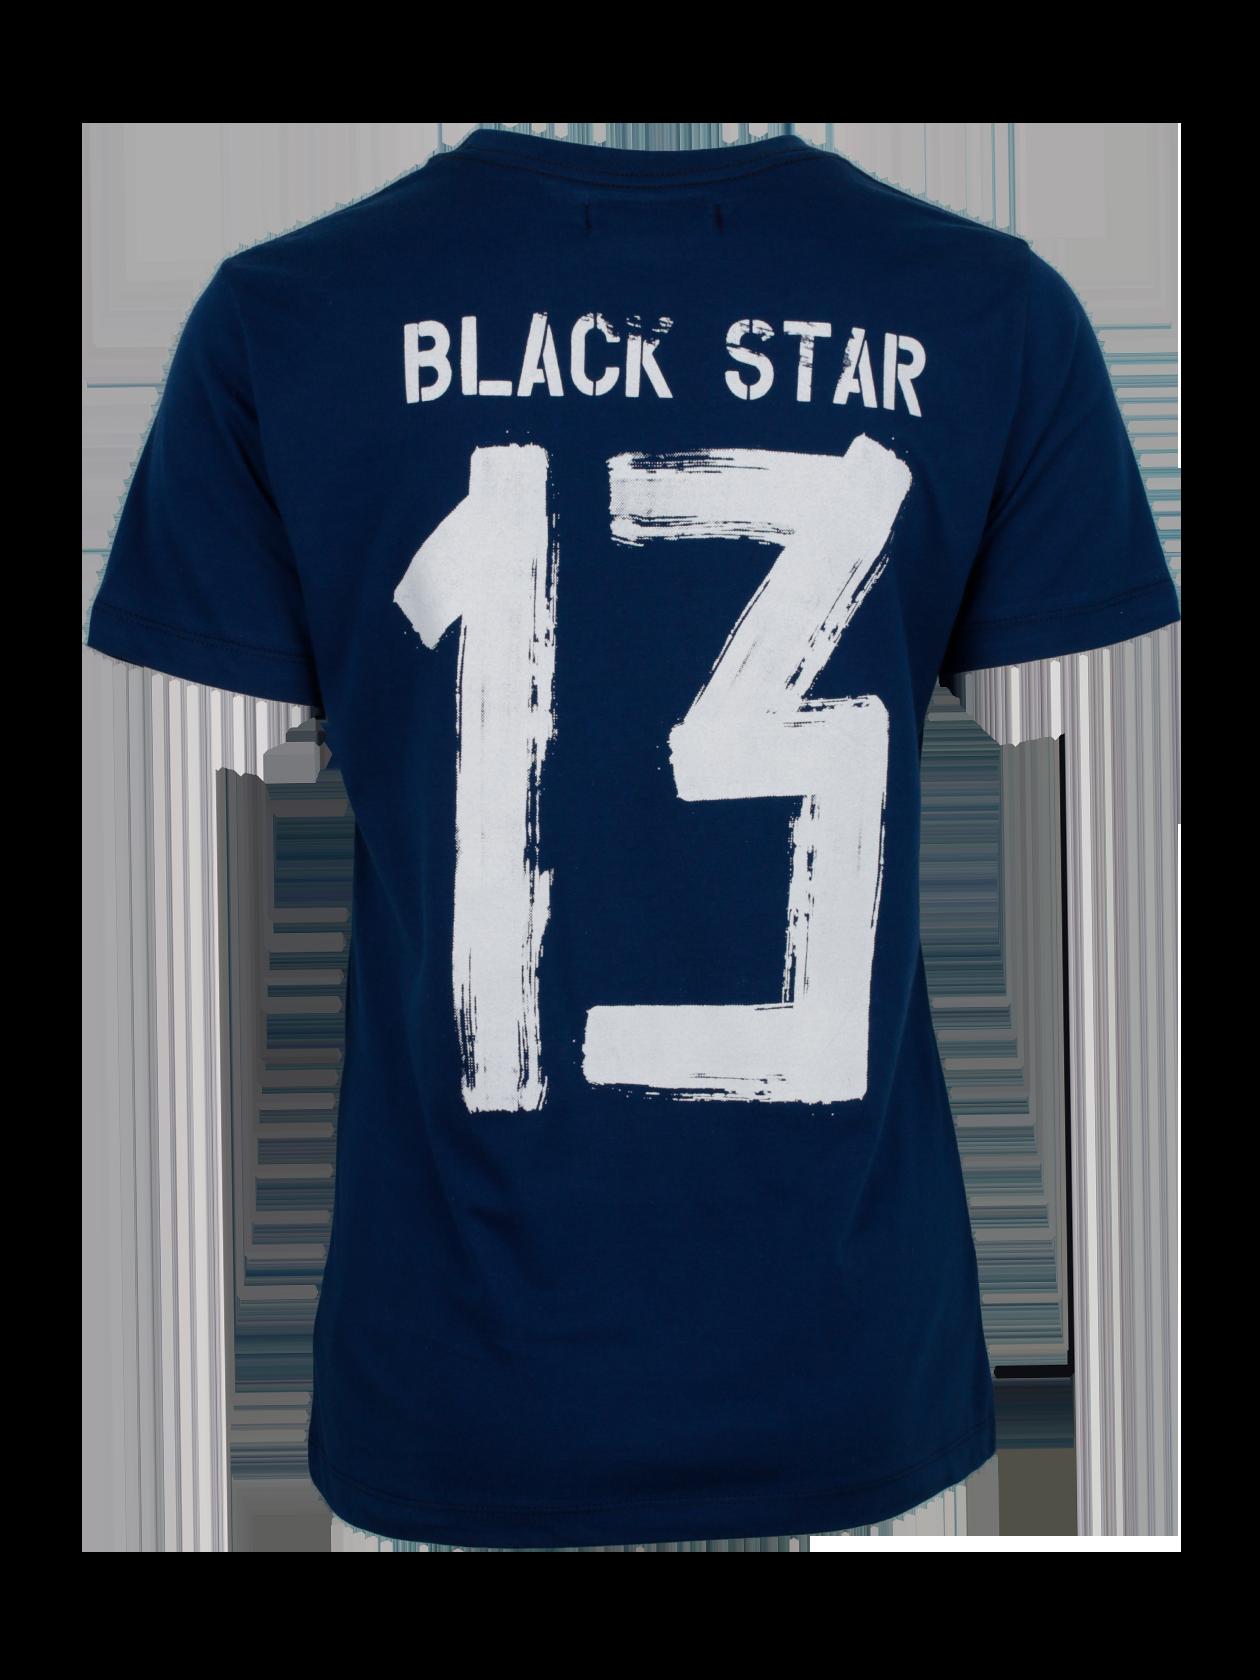 Футболка женская UNIVERSITY 13Стильная футболка женская University 13 – оптимальный вариант для создания стиля на каждый день. Модель базового типа с прямым свободным кроем и небольшим рукавом. Горловина округлая, содержит жаккардовую фирменную нашивку с логотипом бренда BSW. Декоративный элемент – принт на спине в виде крупной надписи Black Star 13. Футболка сделана из первоклассного натурального хлопка, обладающего высокими практичными свойствами. Изделие доступно в темно-синем цвете.<br><br>Размер: L<br>Цвет: Синий<br>Пол: Женский